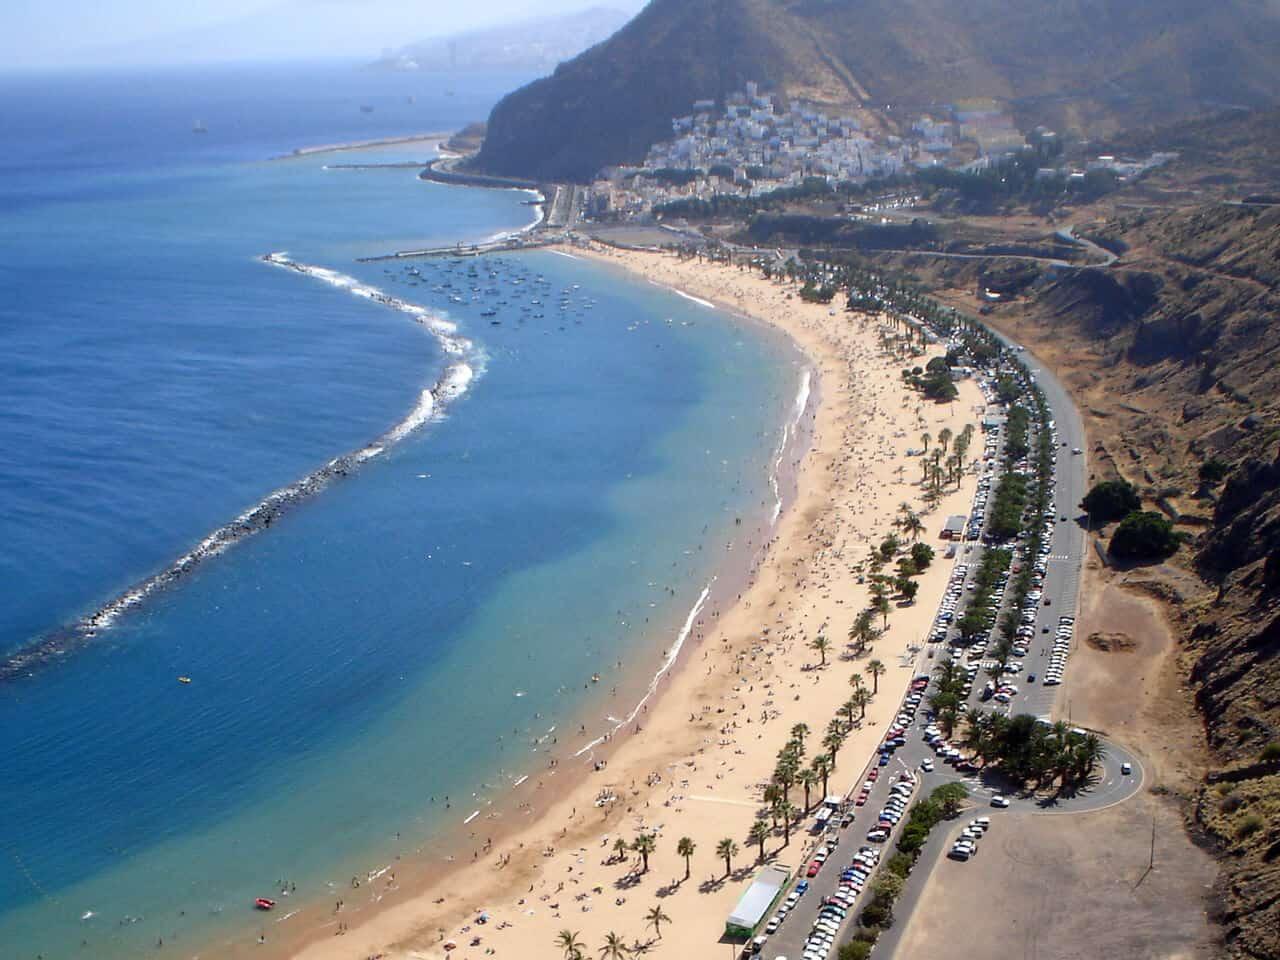 playa-de-las-tersitas-in-santa-cruz-tenerife-spain (1)